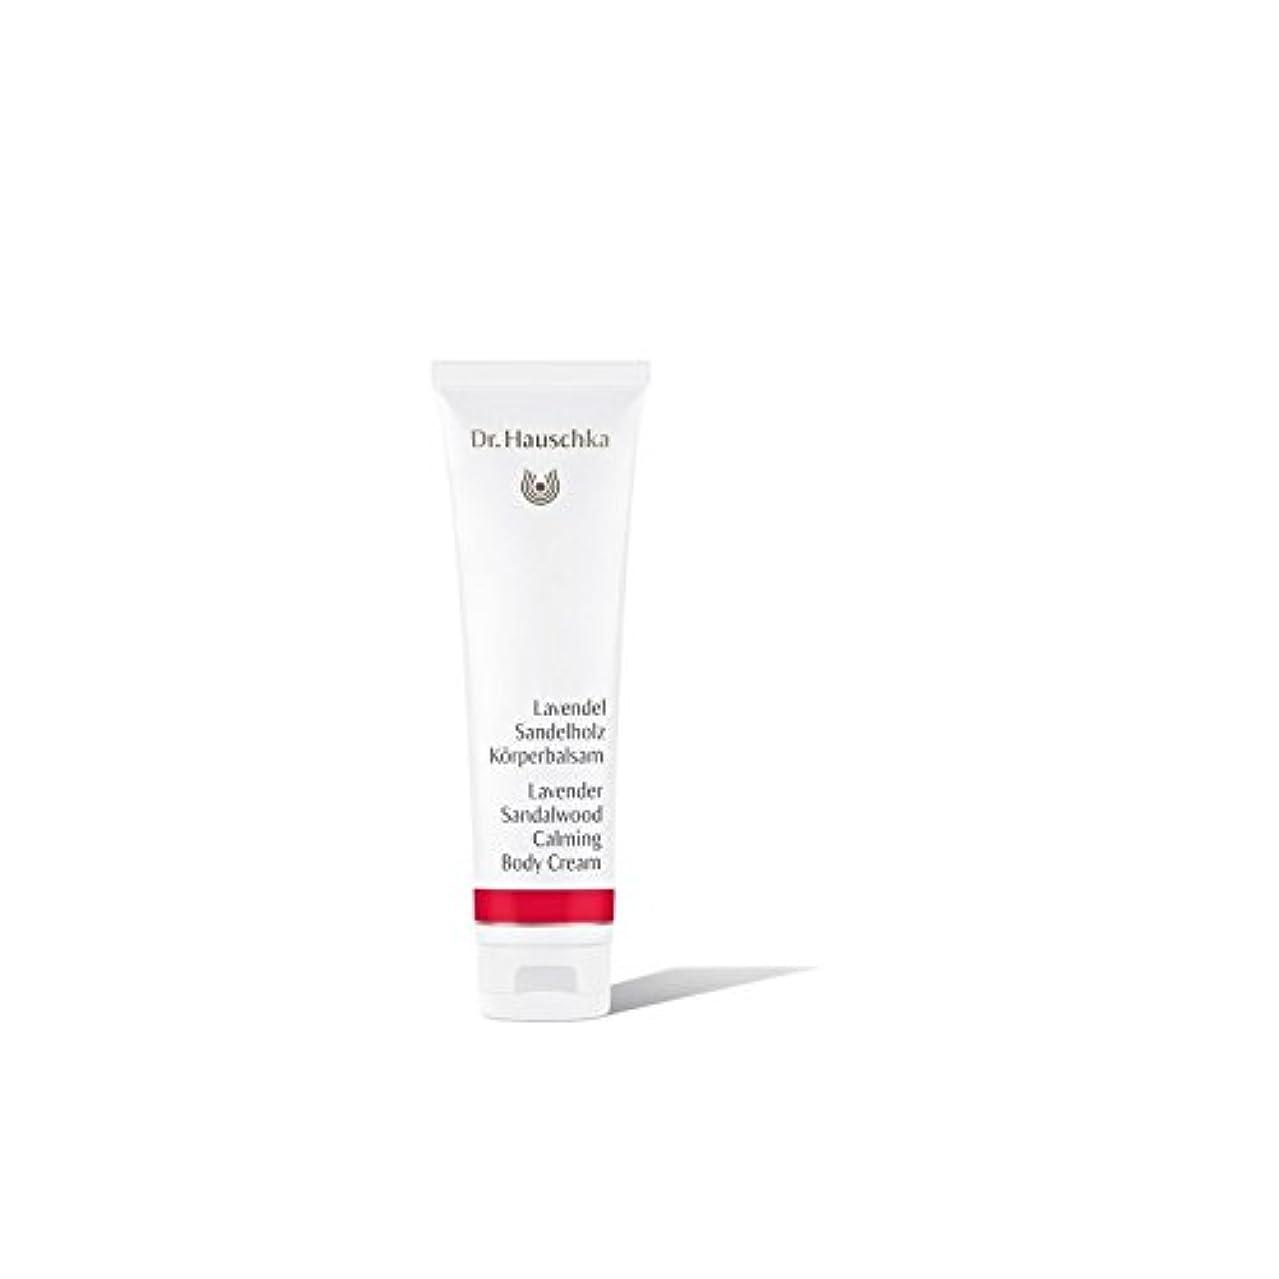 賢いサーバ見つけたハウシュカラベンダー白檀心を落ち着かせるボディクリーム(145ミリリットル) x2 - Dr. Hauschka Lavender Sandalwood Calming Body Cream (145ml) (Pack...